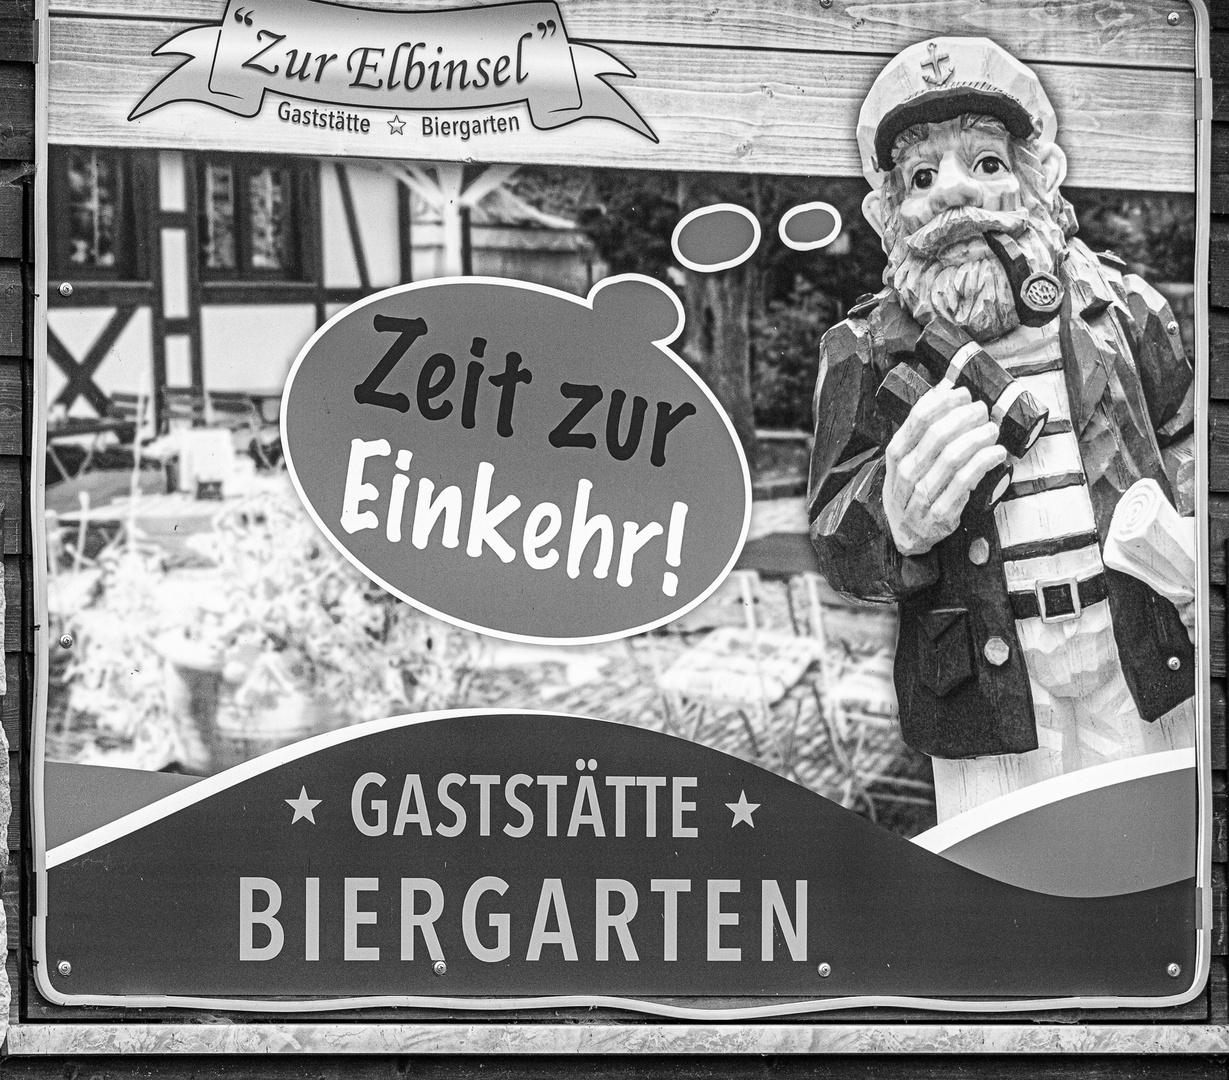 Forum schwarzer humor Frauenwitze /